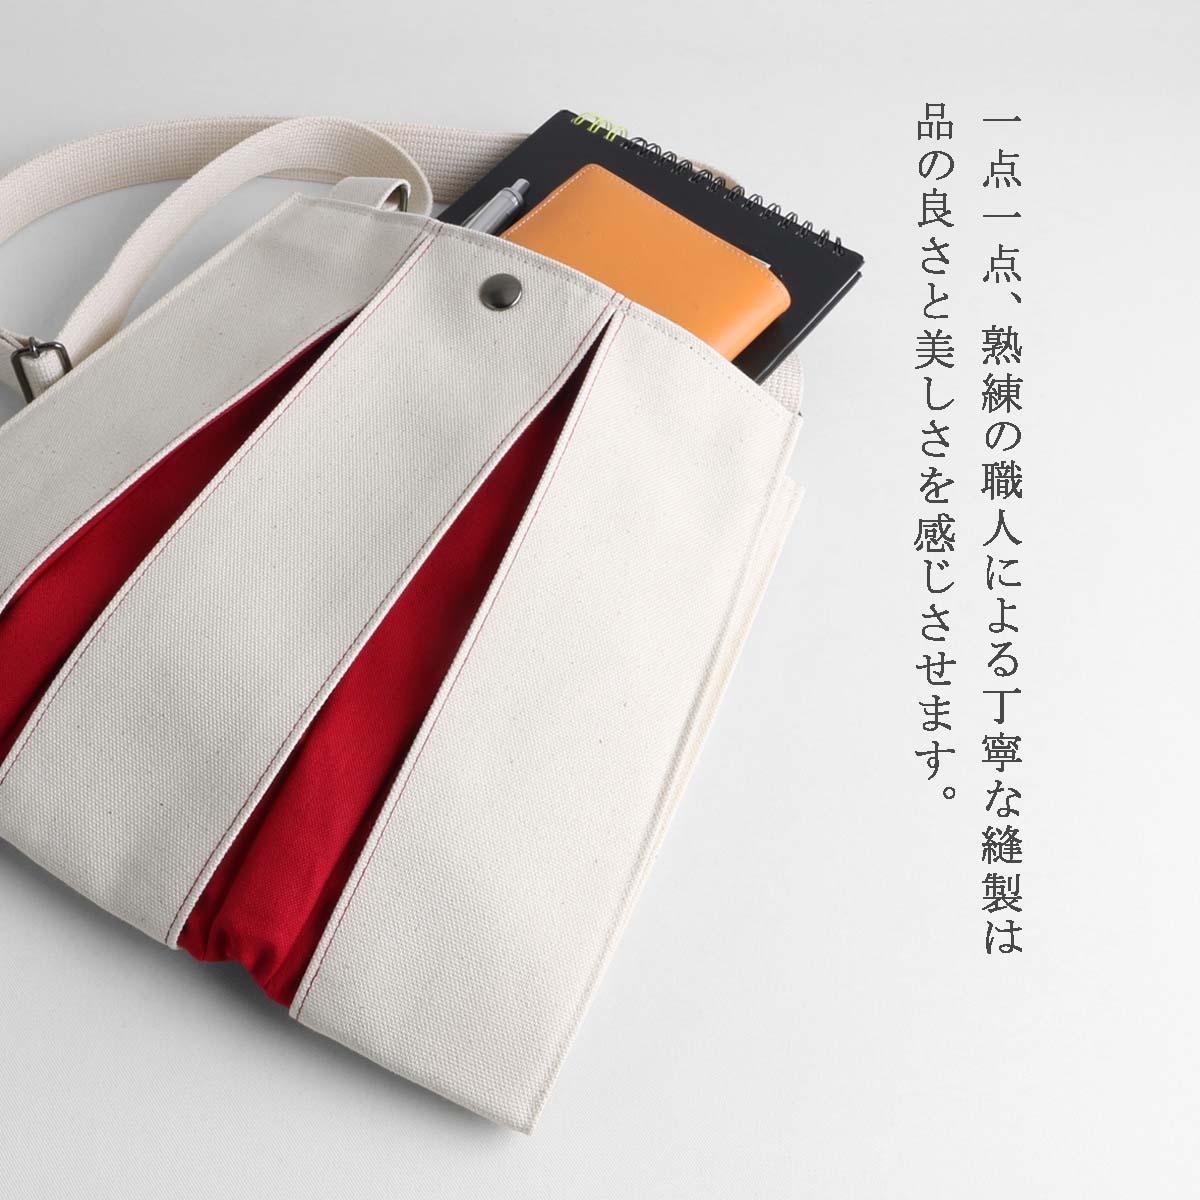 KOSHO ougi 帆布 ポシェット